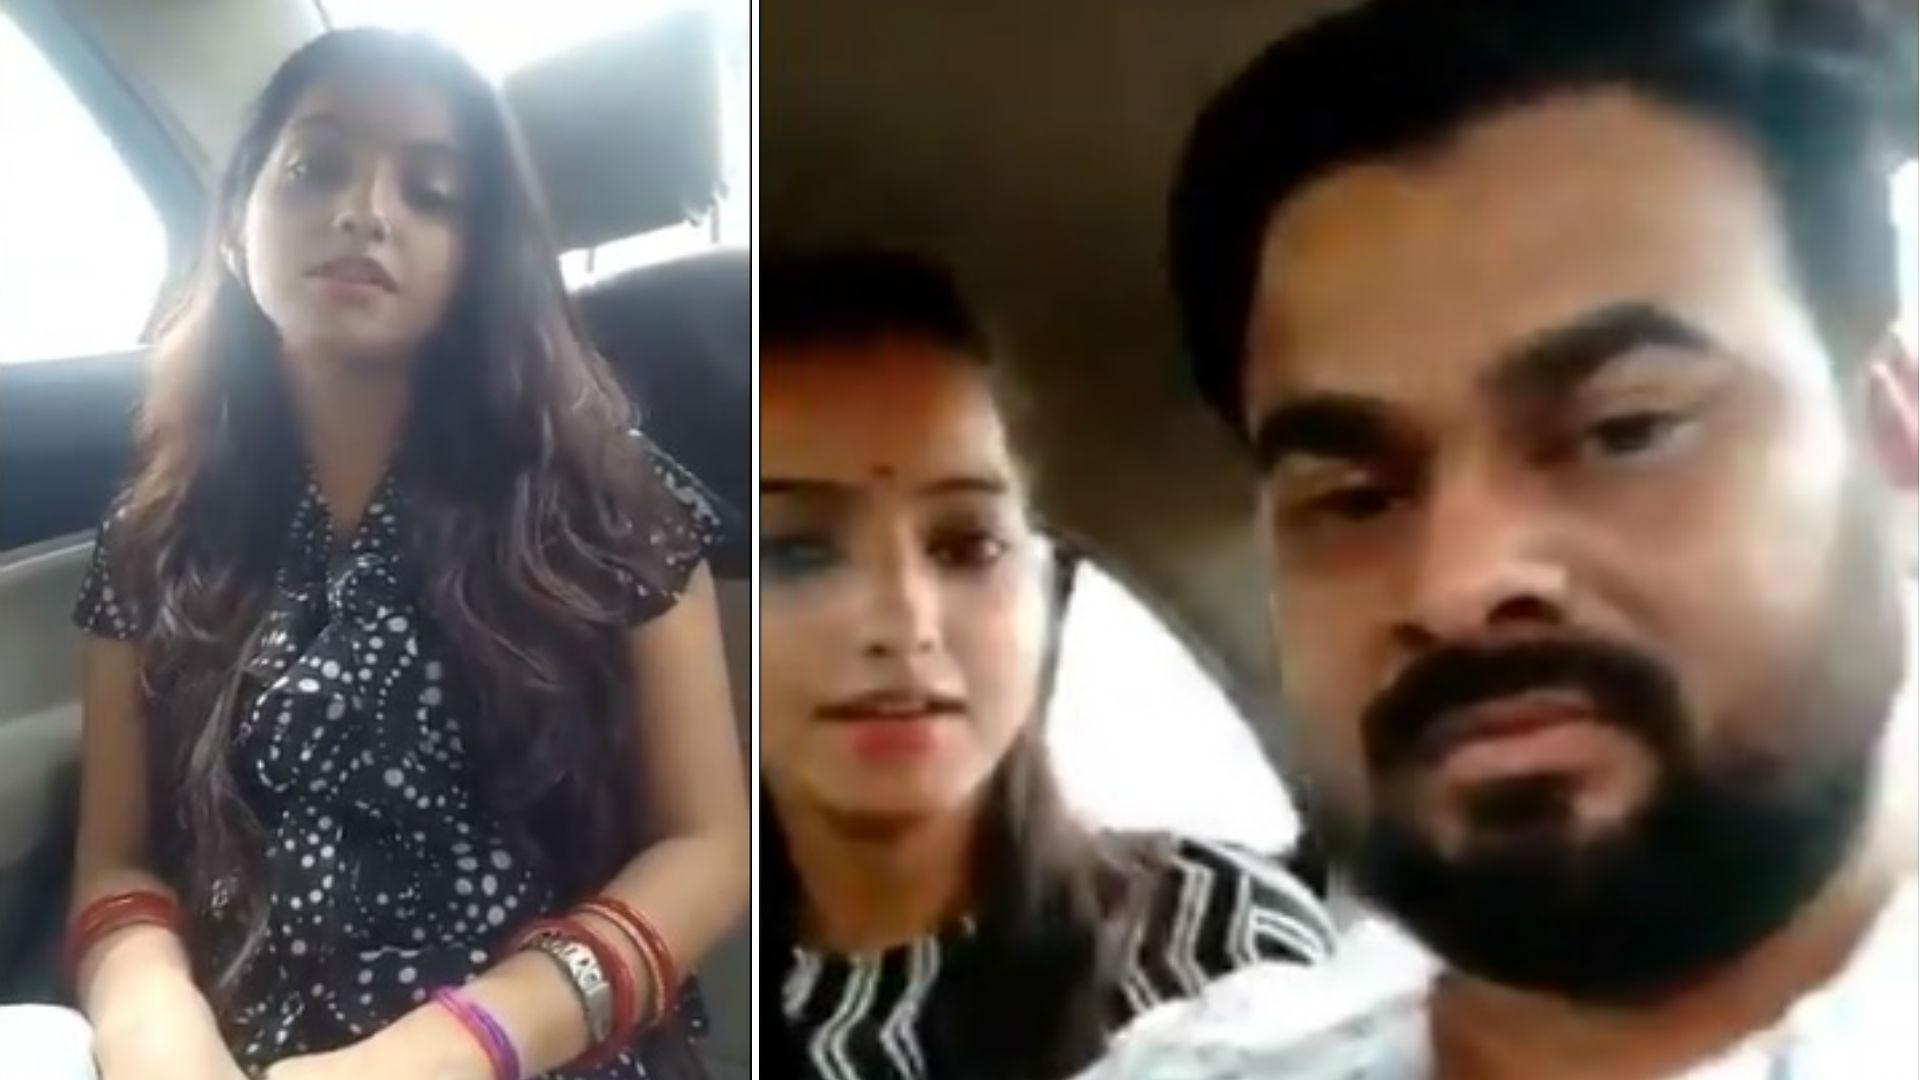 BJP MLA राजेश मिश्रा की बेटी ने दलित युवक से शादी के बाद बताया था जान का खतरा, अब पिता ने दिया जवाब